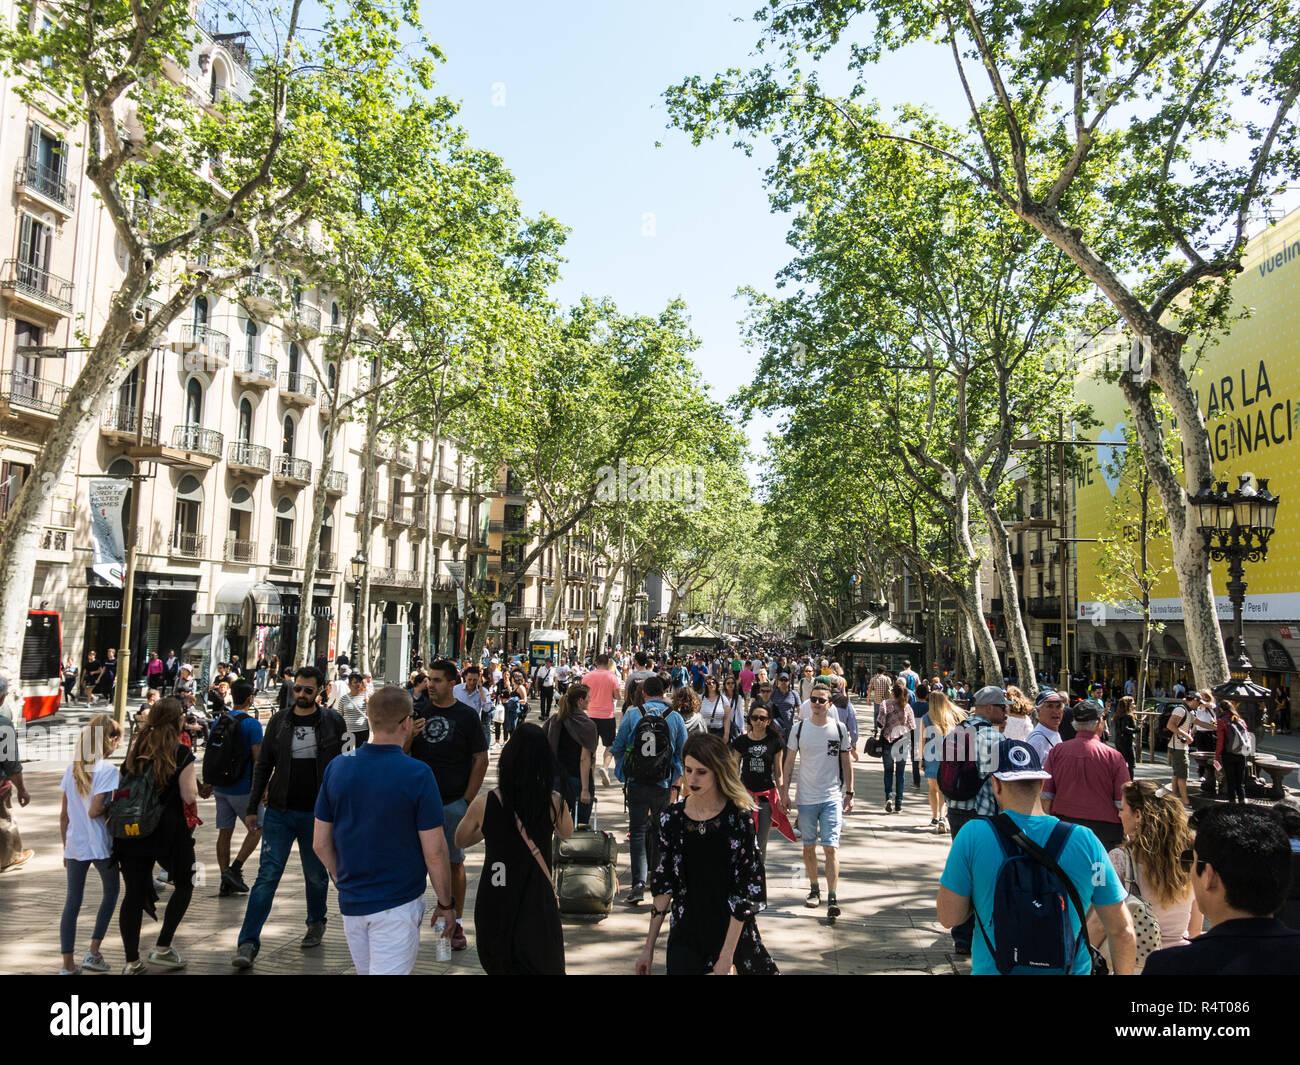 Barcelone, Espagne - 21 Avril 2018: Des centaines de personnes promenading dans la rue la plus animée de Barcelone, Las Ramblas. Banque D'Images